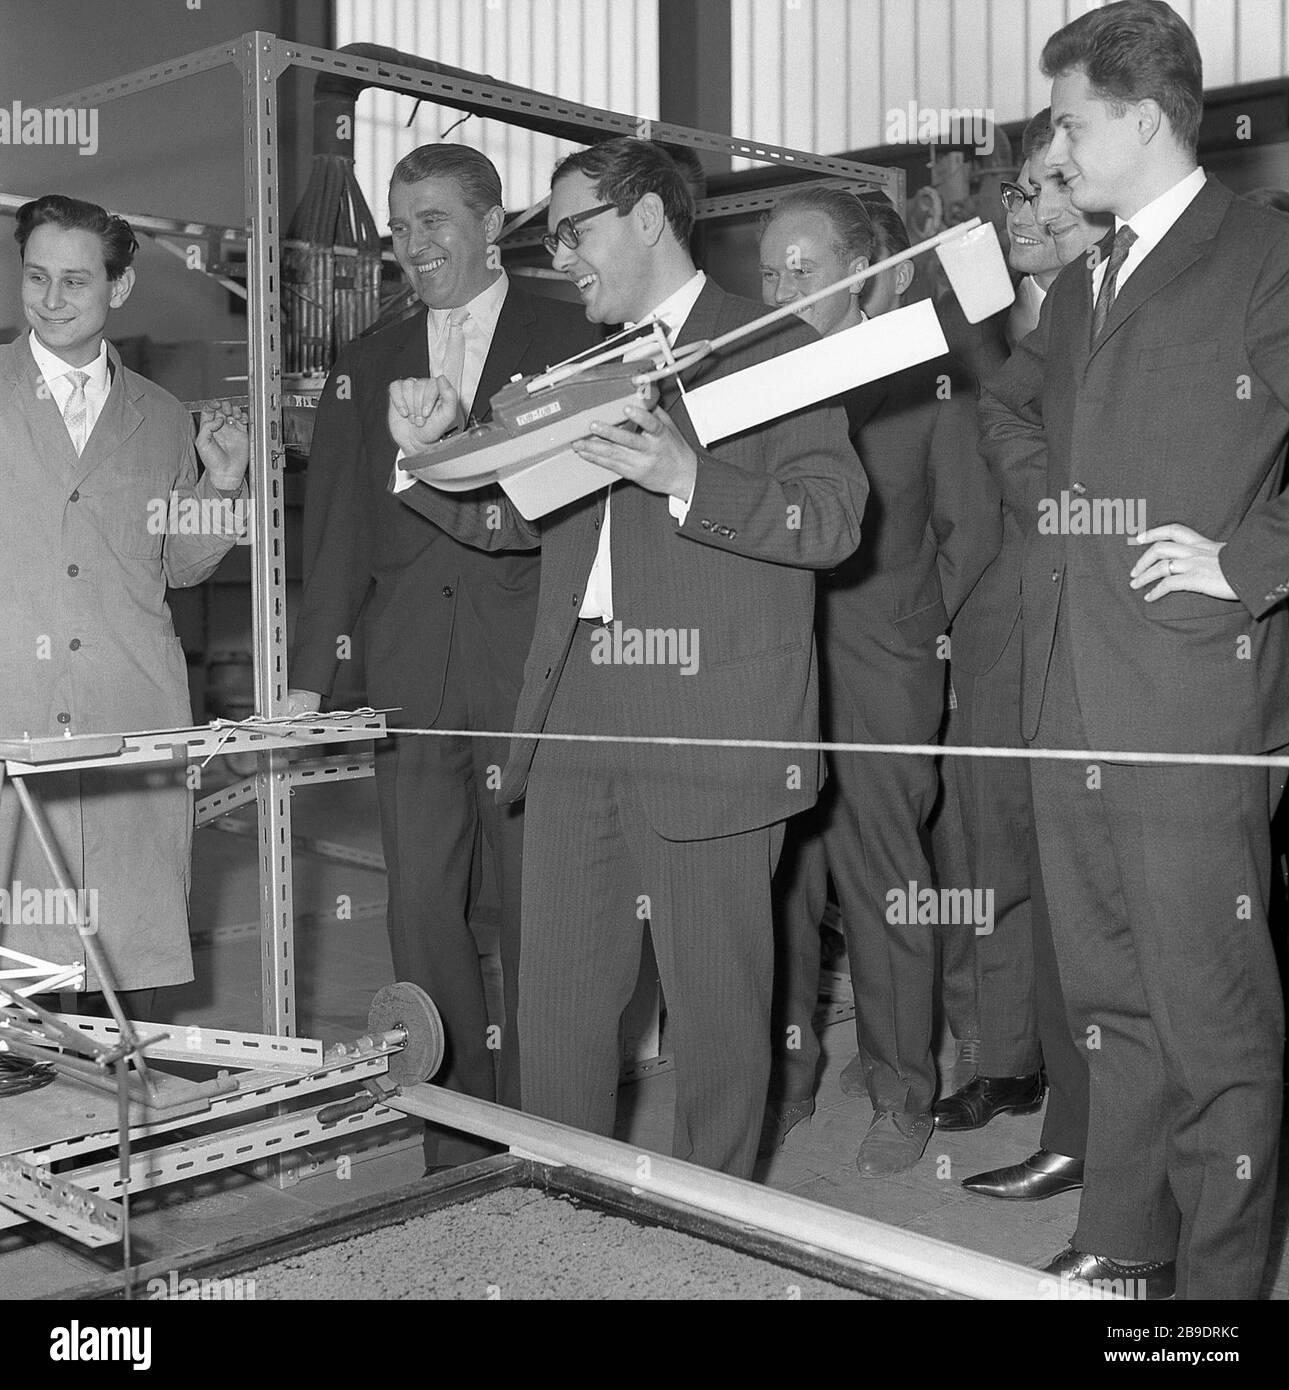 Wernher von Braun (2. Von links) auf der ILTUB, einer Messe für Technik und Luftfahrt in Berlin 1964. [Automatisierte Übersetzung] Stockfoto